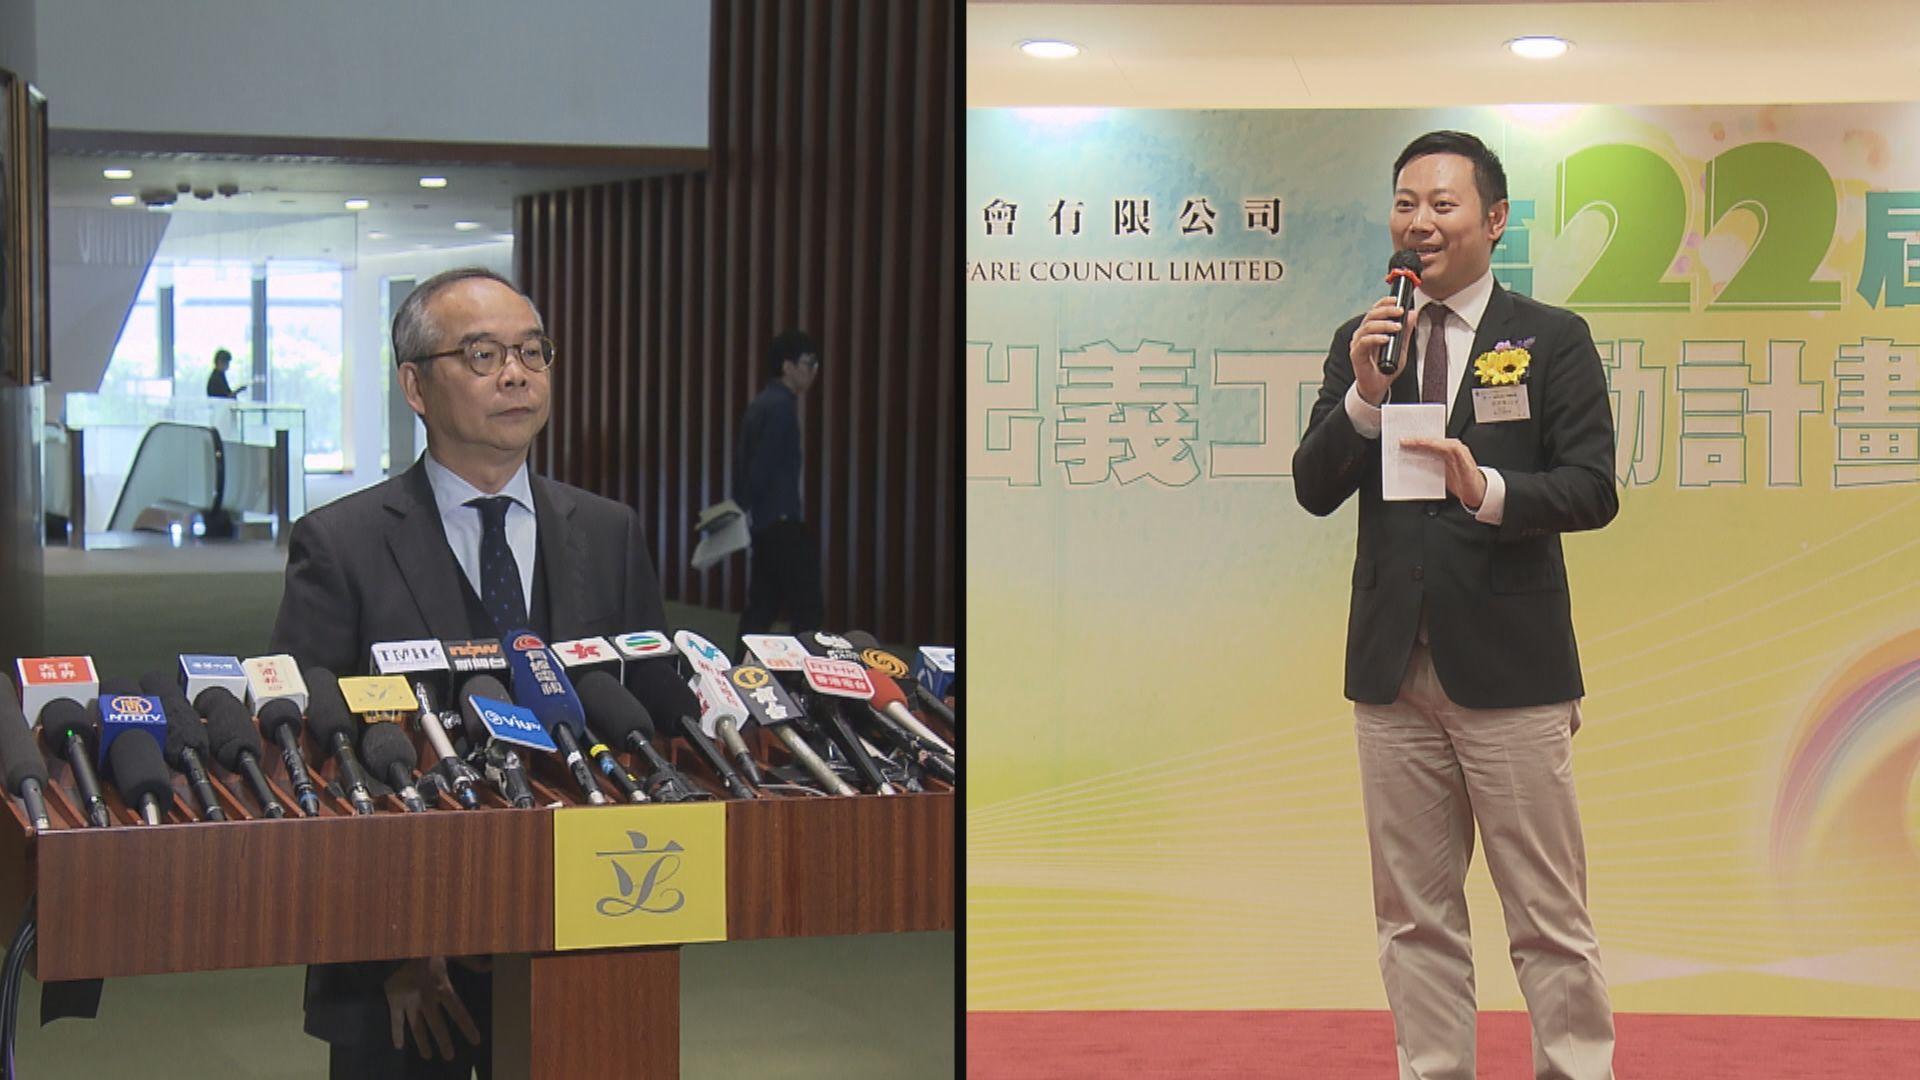 消息 : 徐英偉接替劉江華出任民政事務局局長